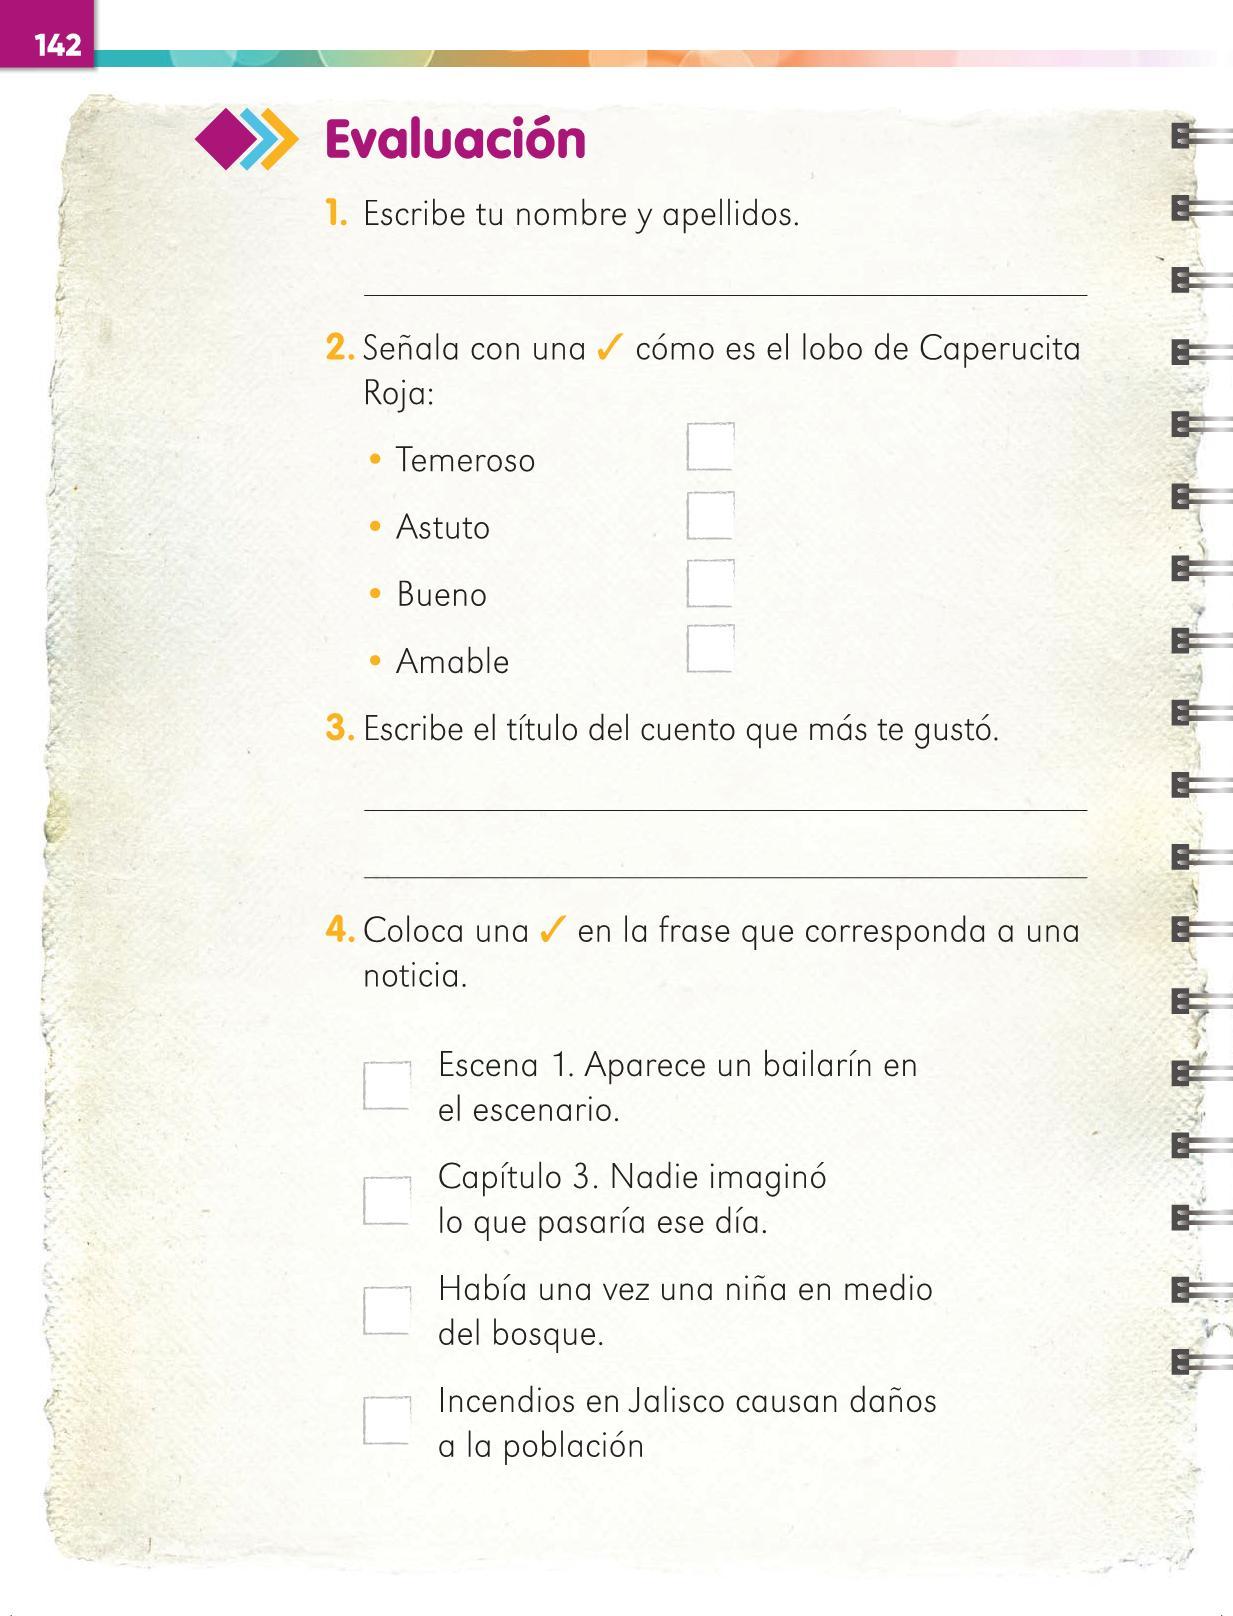 Lengua Materna Español Primer grado página 142